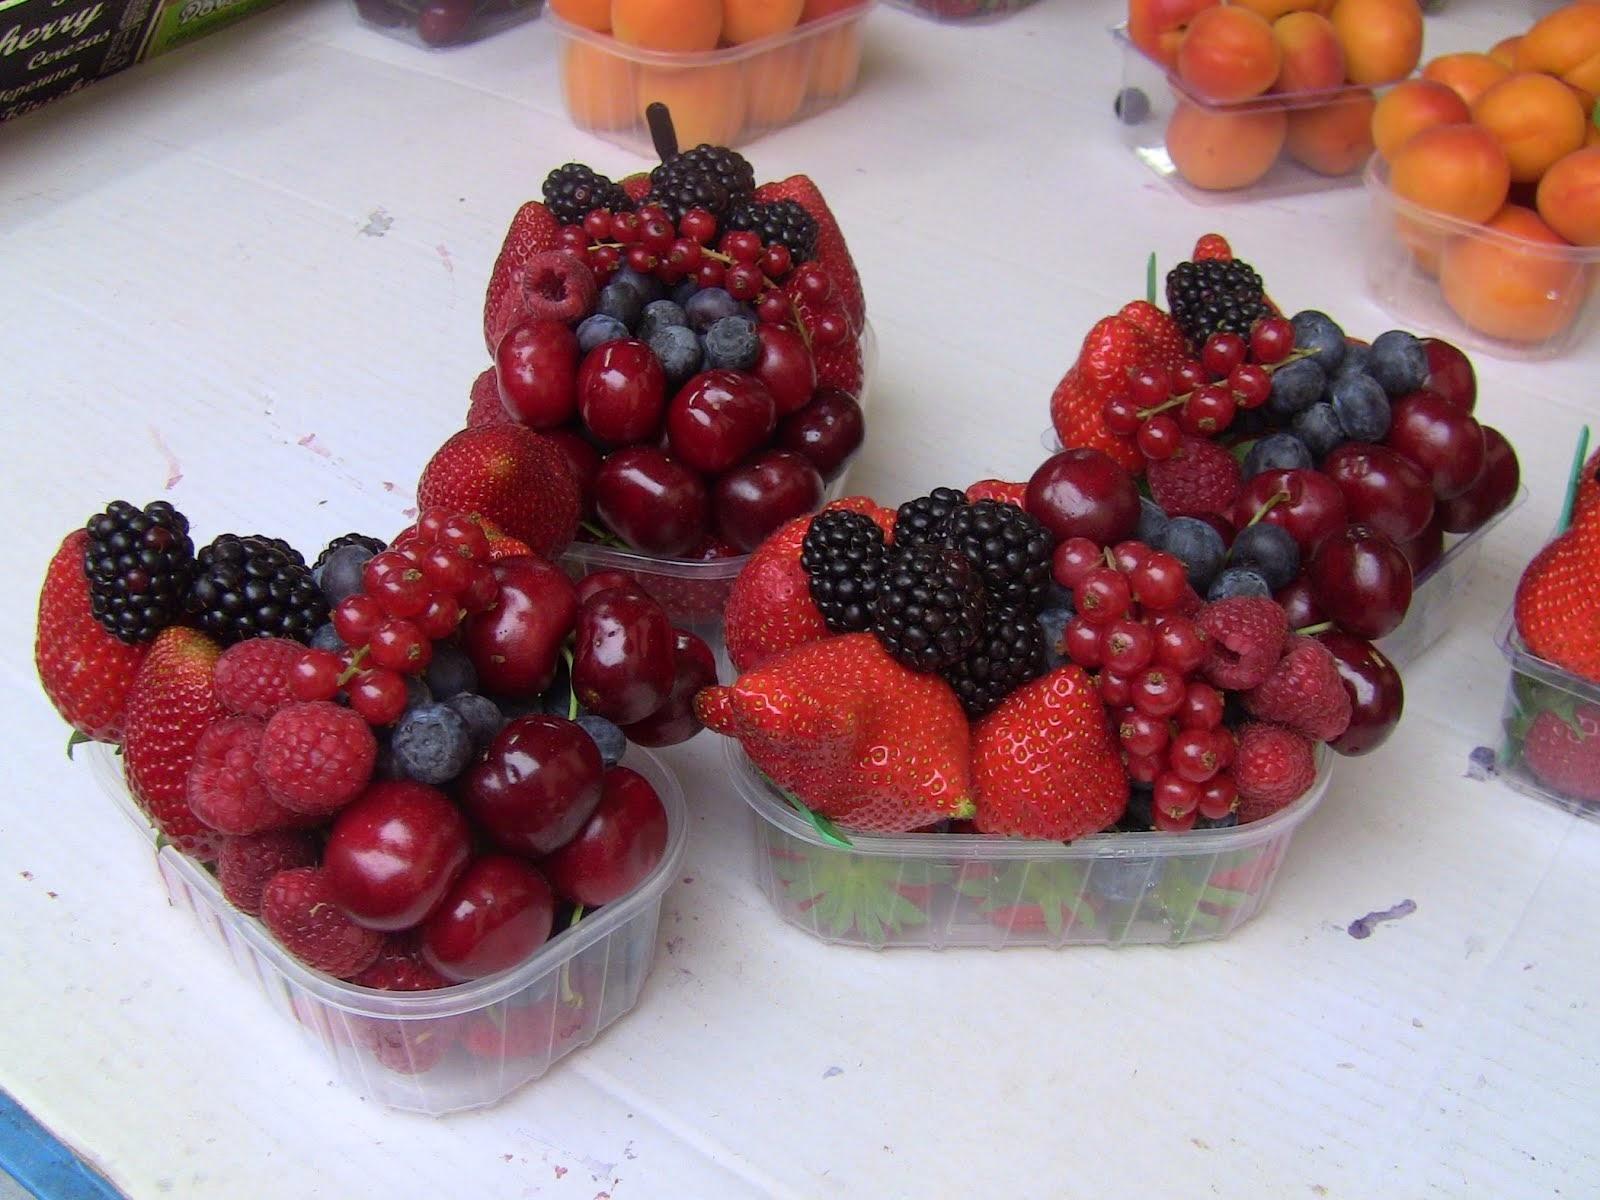 la barquette de fruits qui se vendait au marché de Prague aujourd'hui